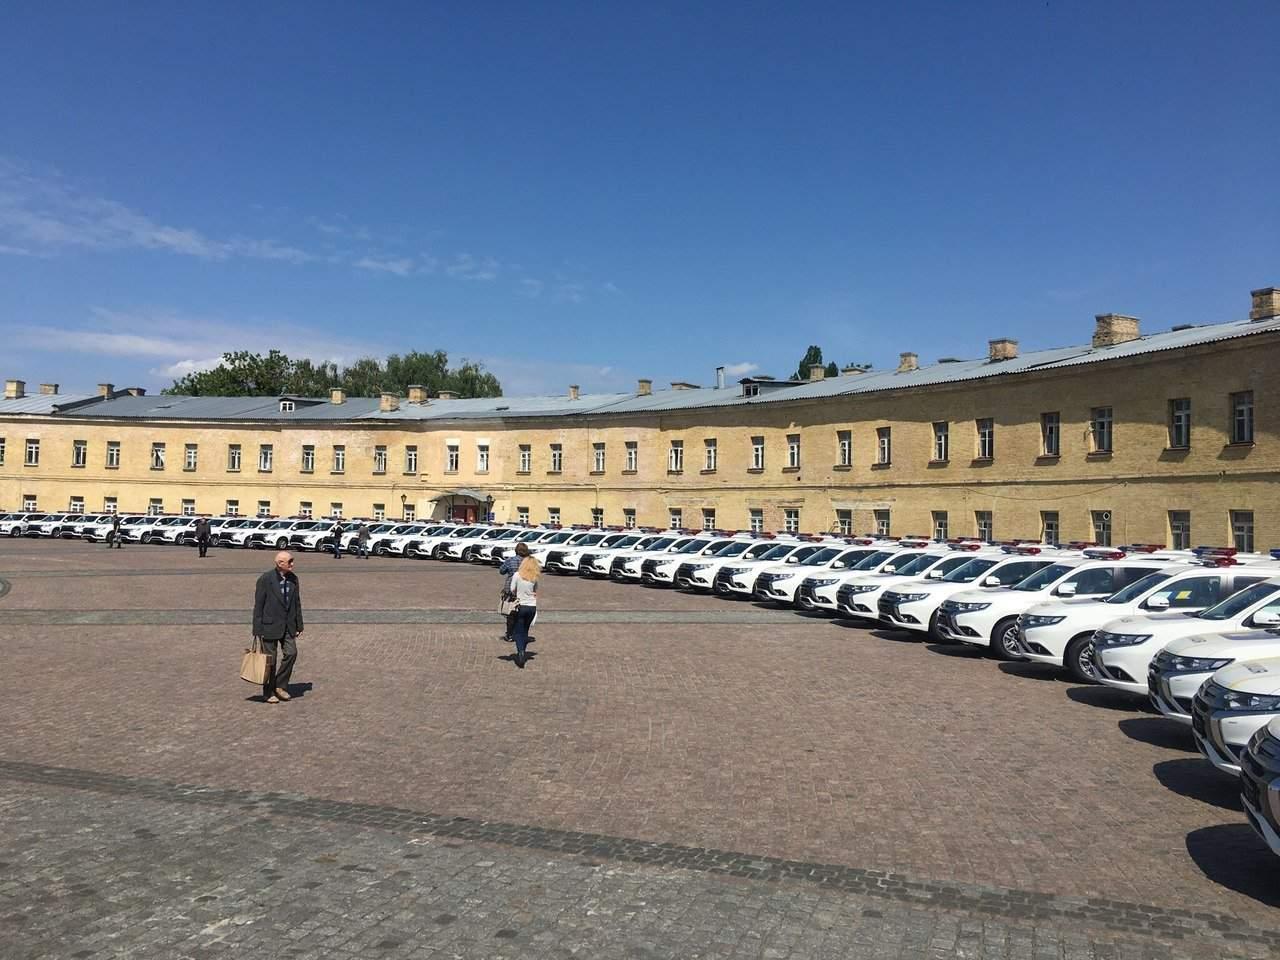 В Киеве возле поликлиники Минобороны заметили партию новых авто для патрульной полиции (фото)